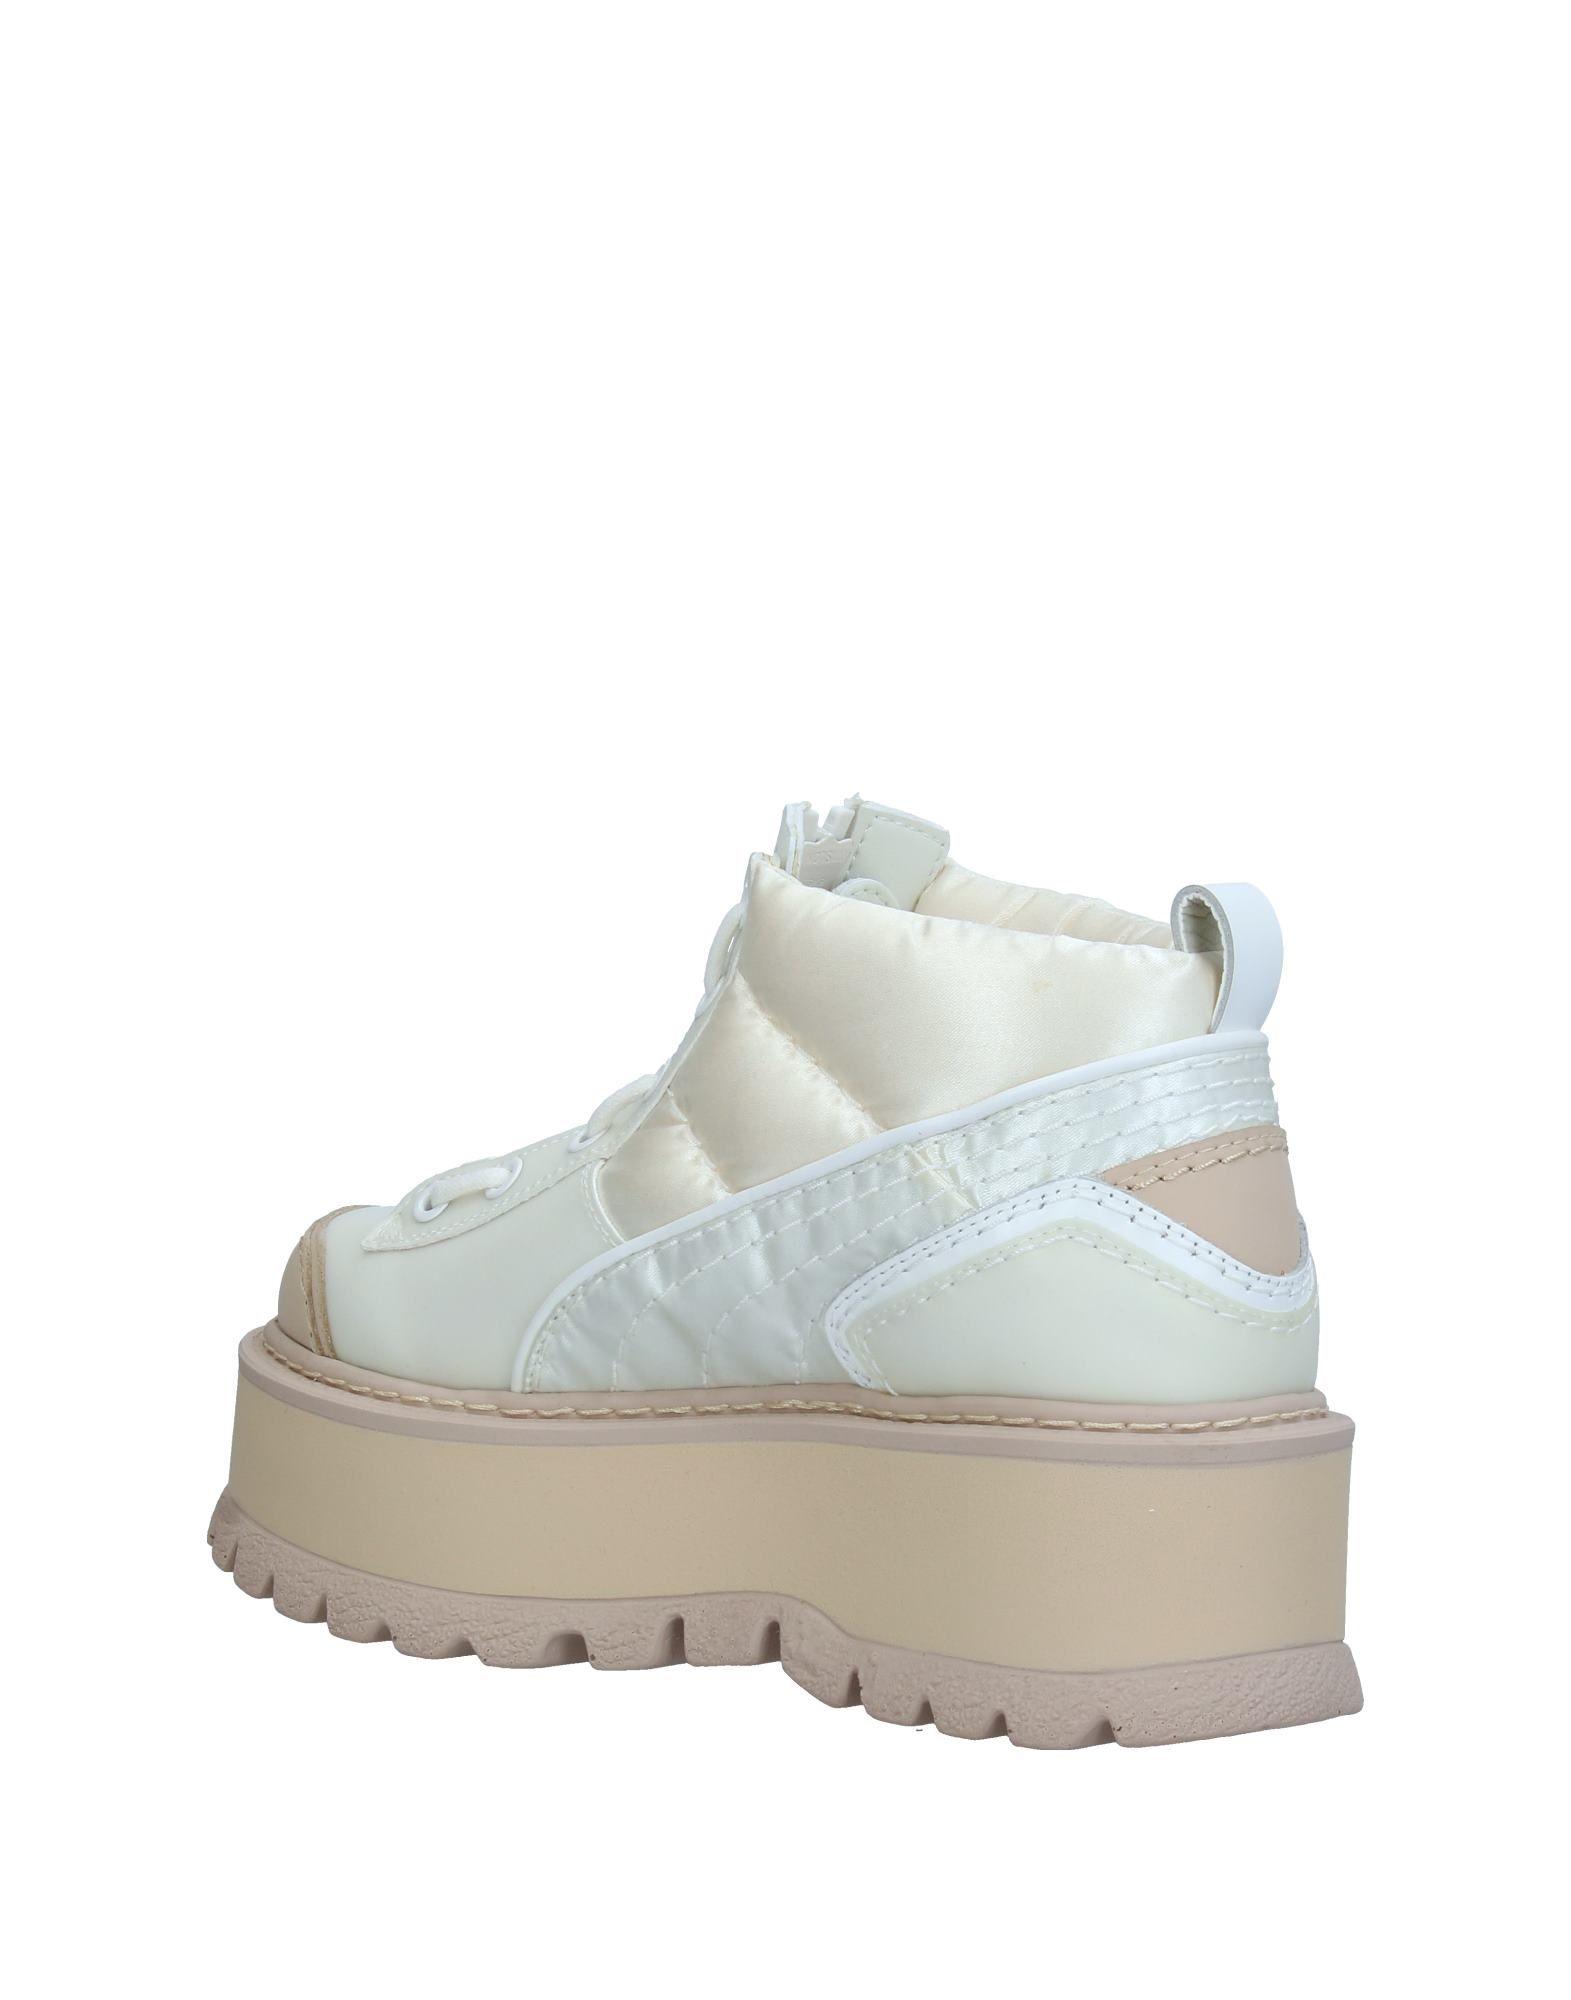 Sneakers Fenty Puma By Rihanna Femme - Sneakers Fenty Puma By Rihanna sur